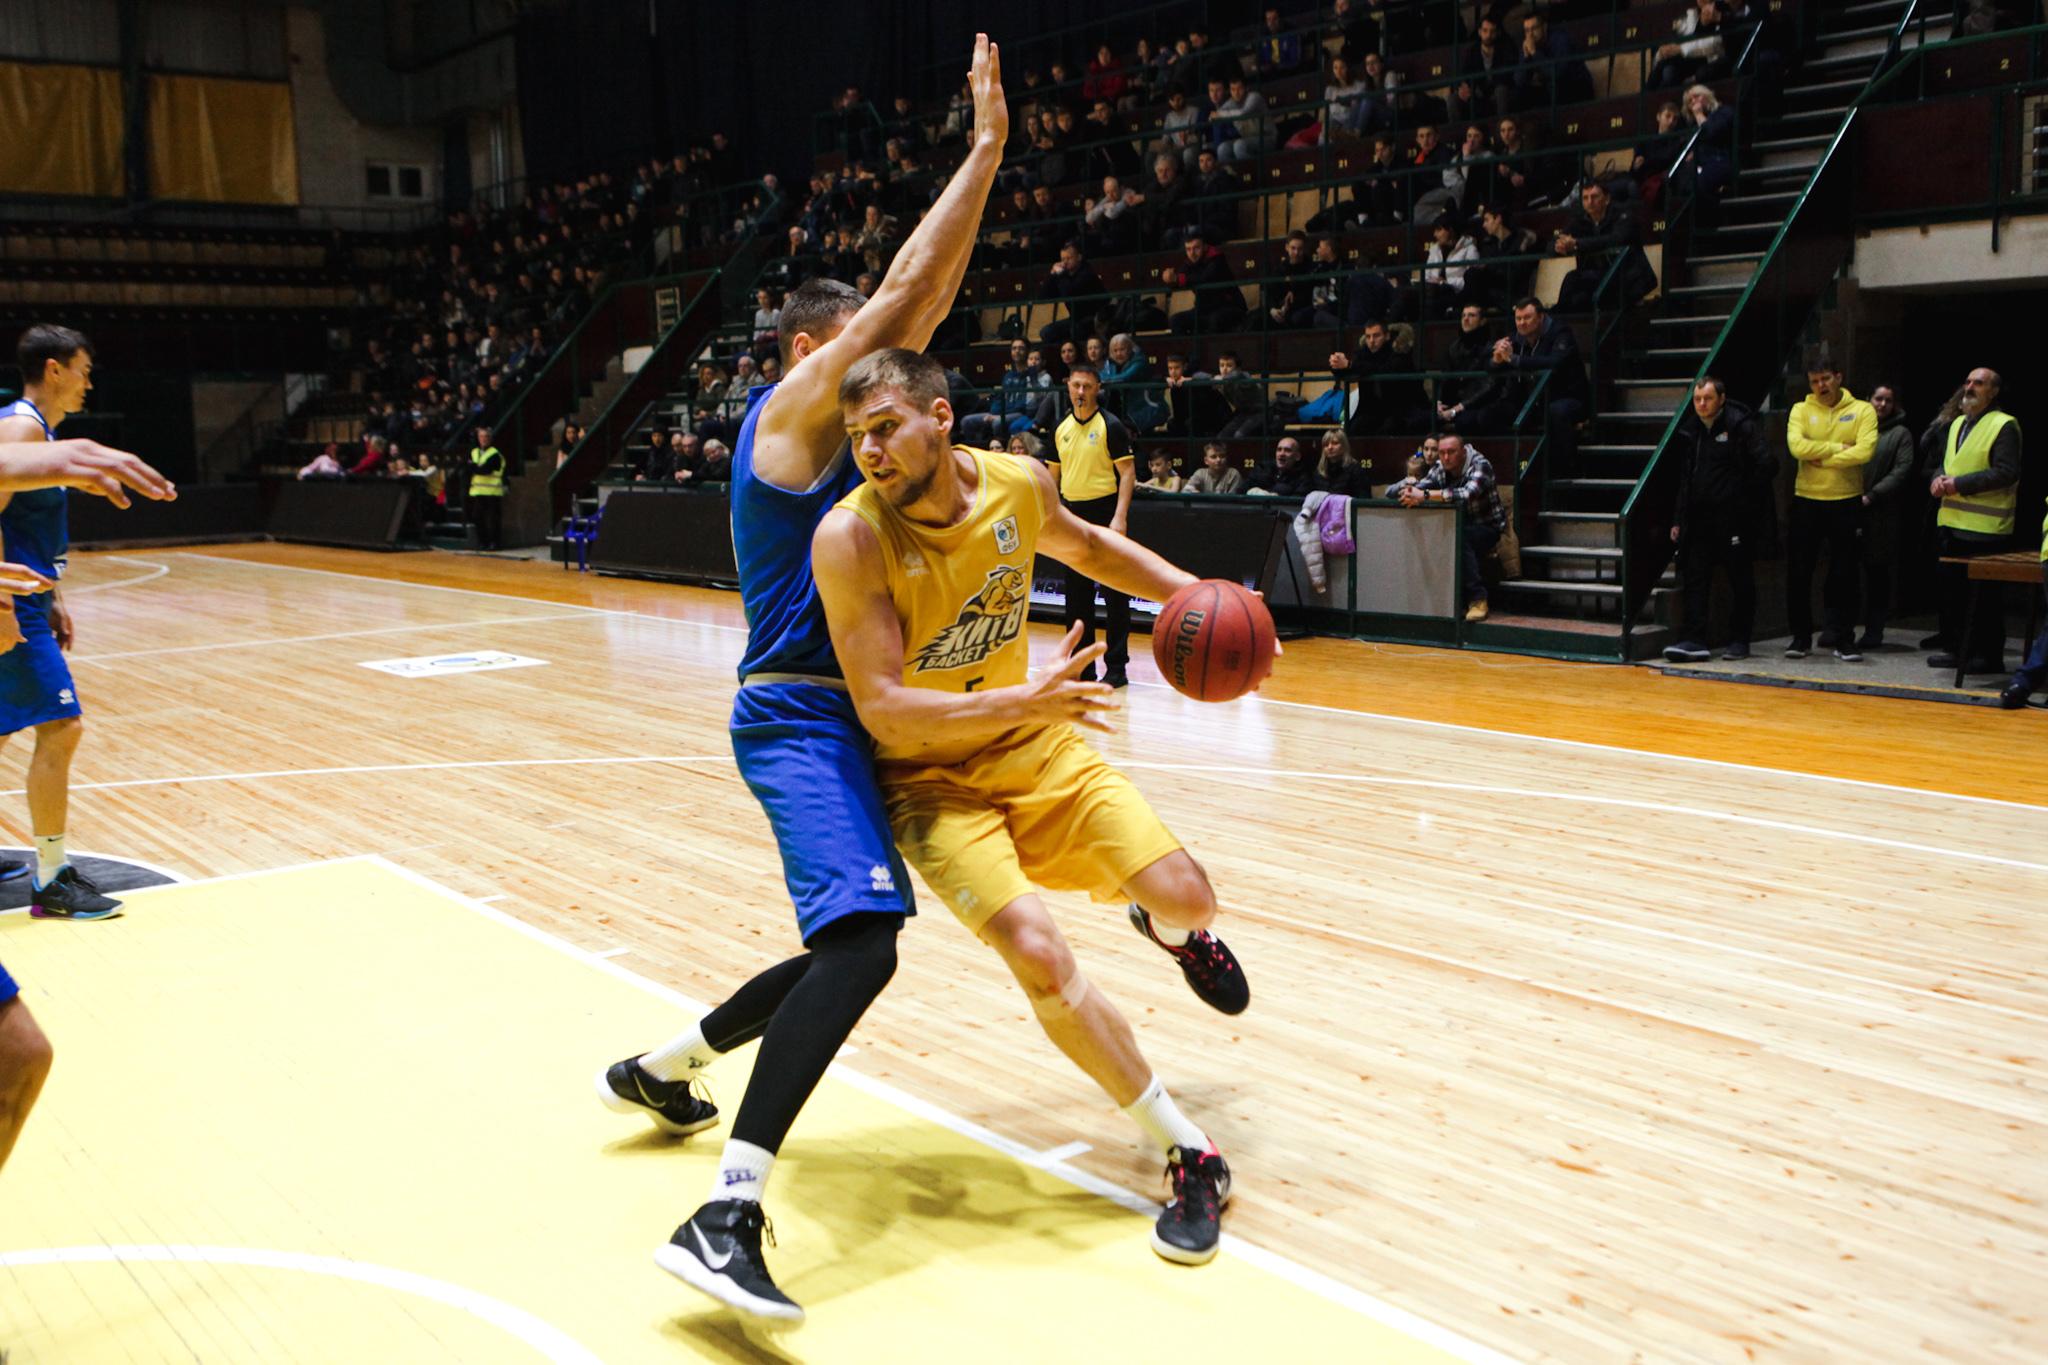 Київ-Баскет переміг Одесу в столиці: фотогалерея